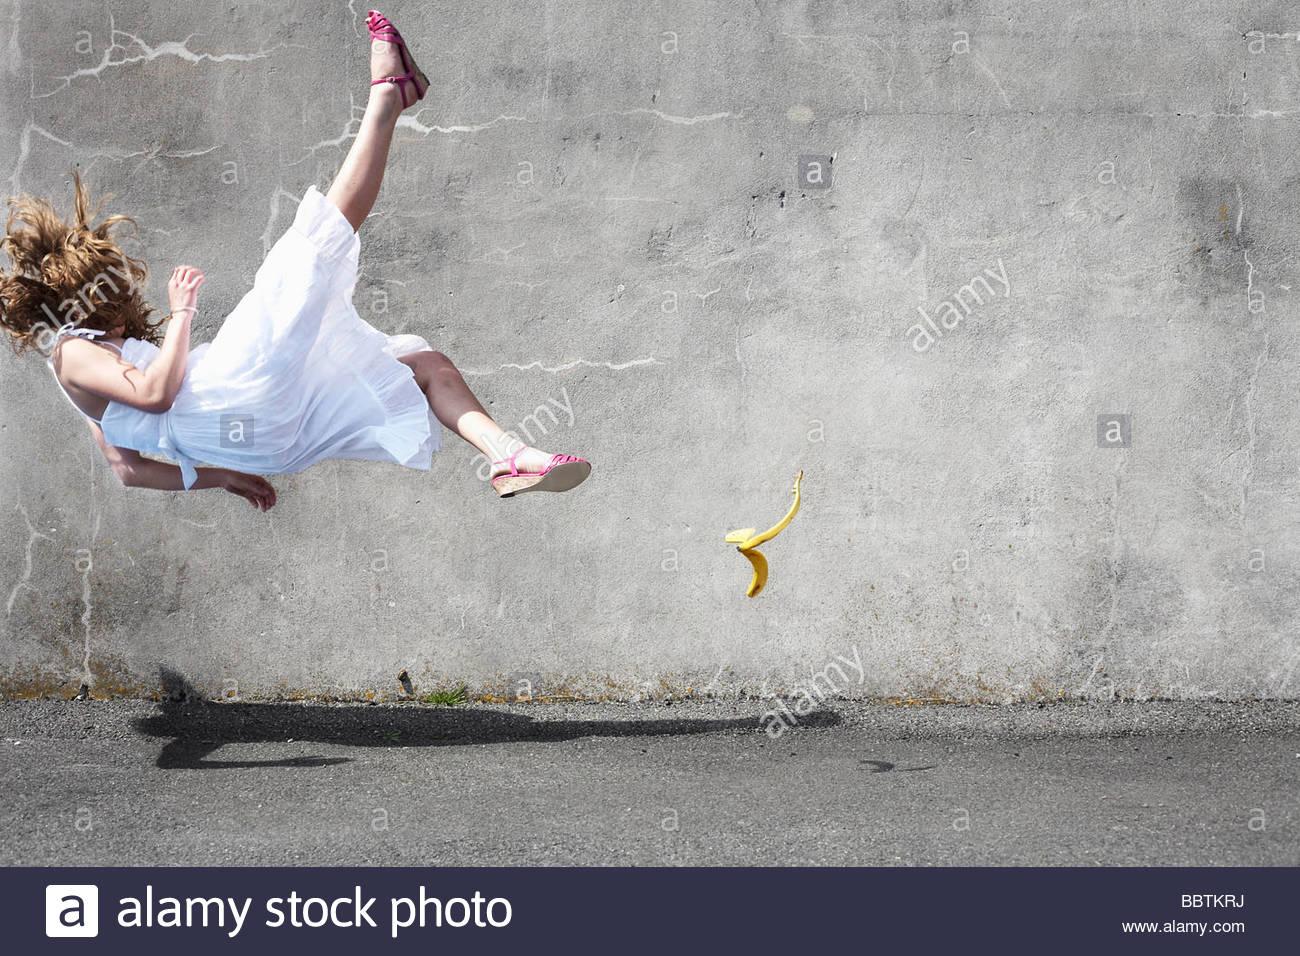 Menina escorregando sobre uma banana Imagens de Stock